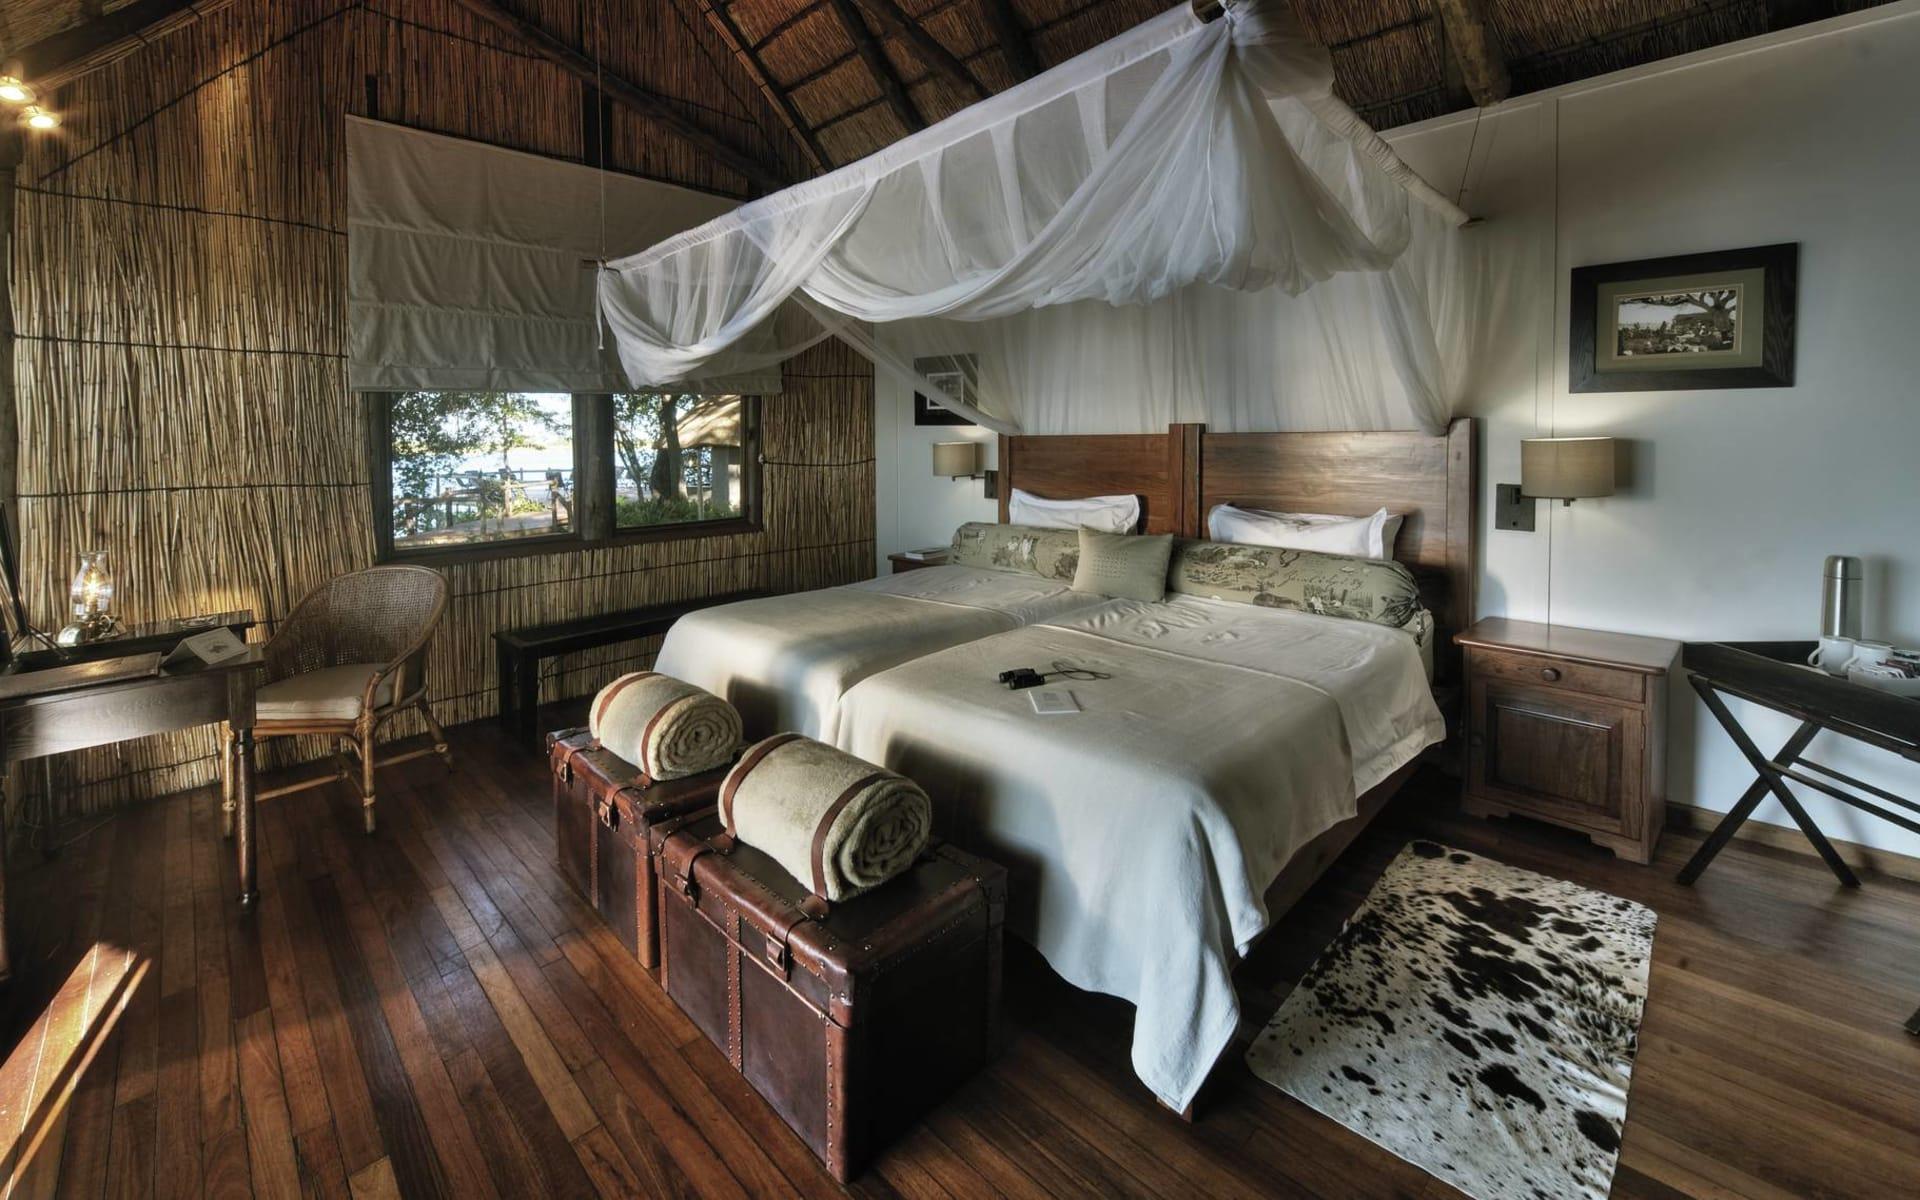 Xugana Island Lodge in Okavango Delta: 14_242_01_Xugana Island Lodge